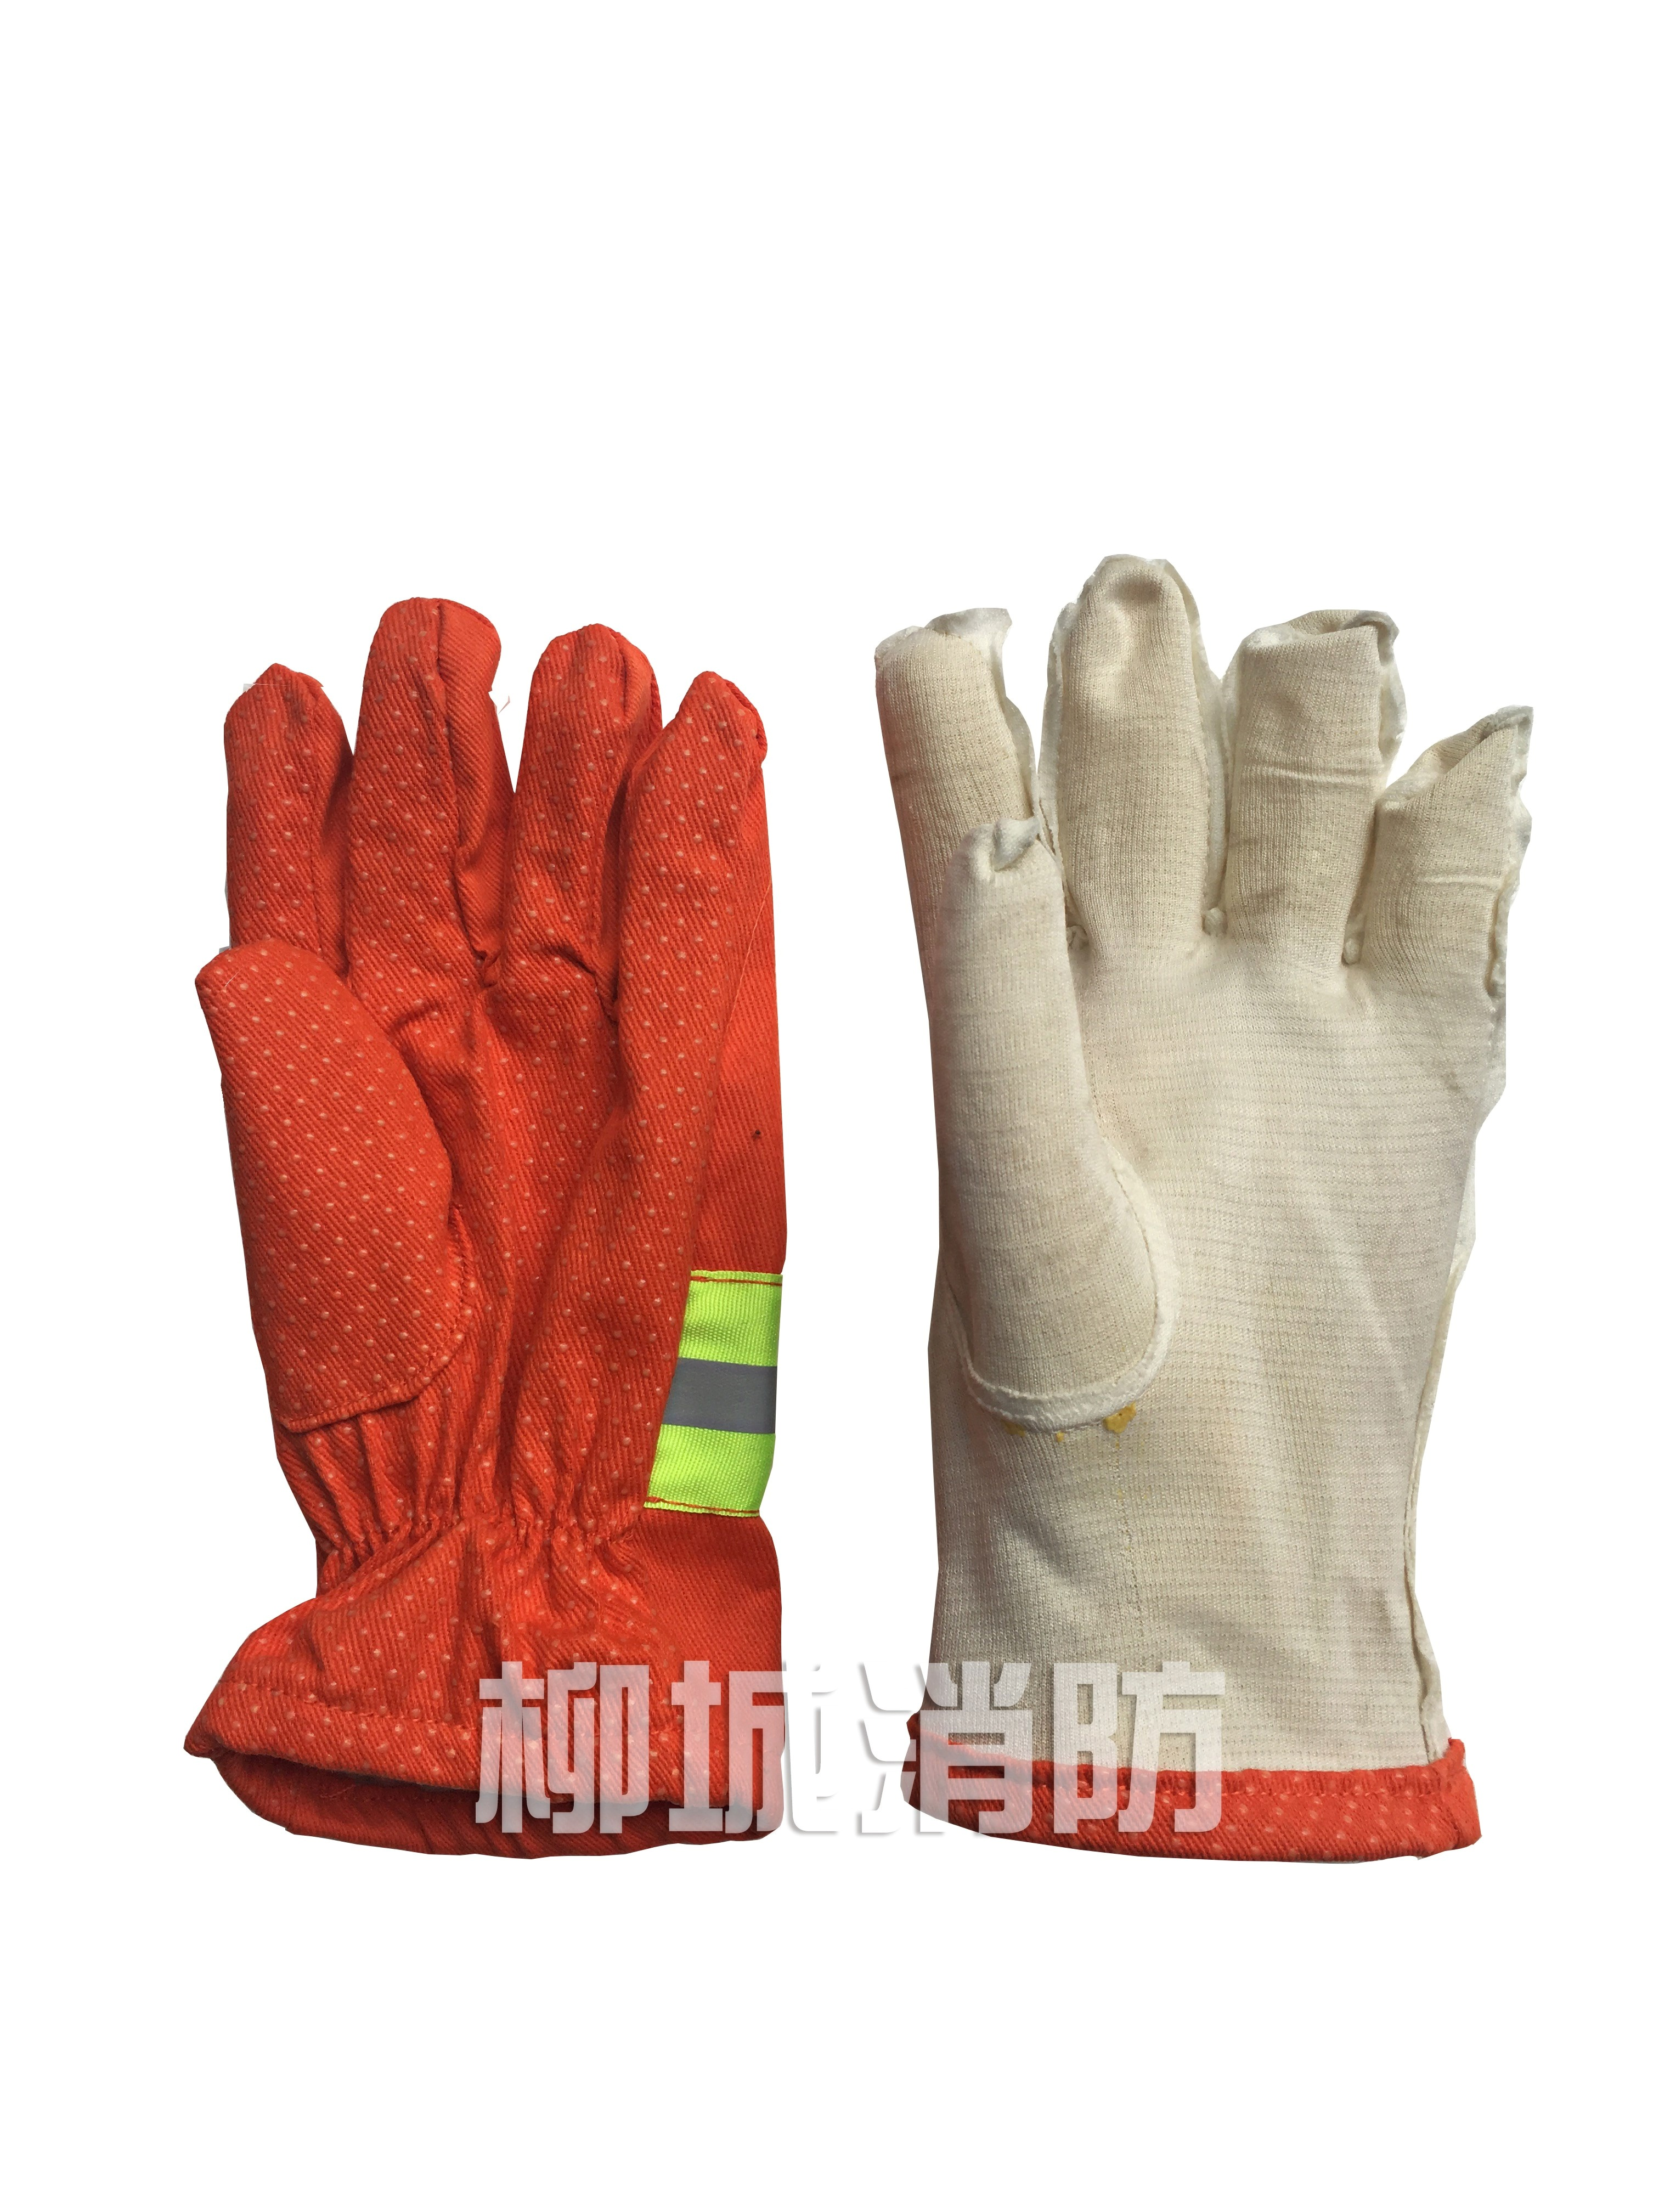 隔热手套防滑长胶手套防护防布手套阻燃物流快递防水消防邮管局